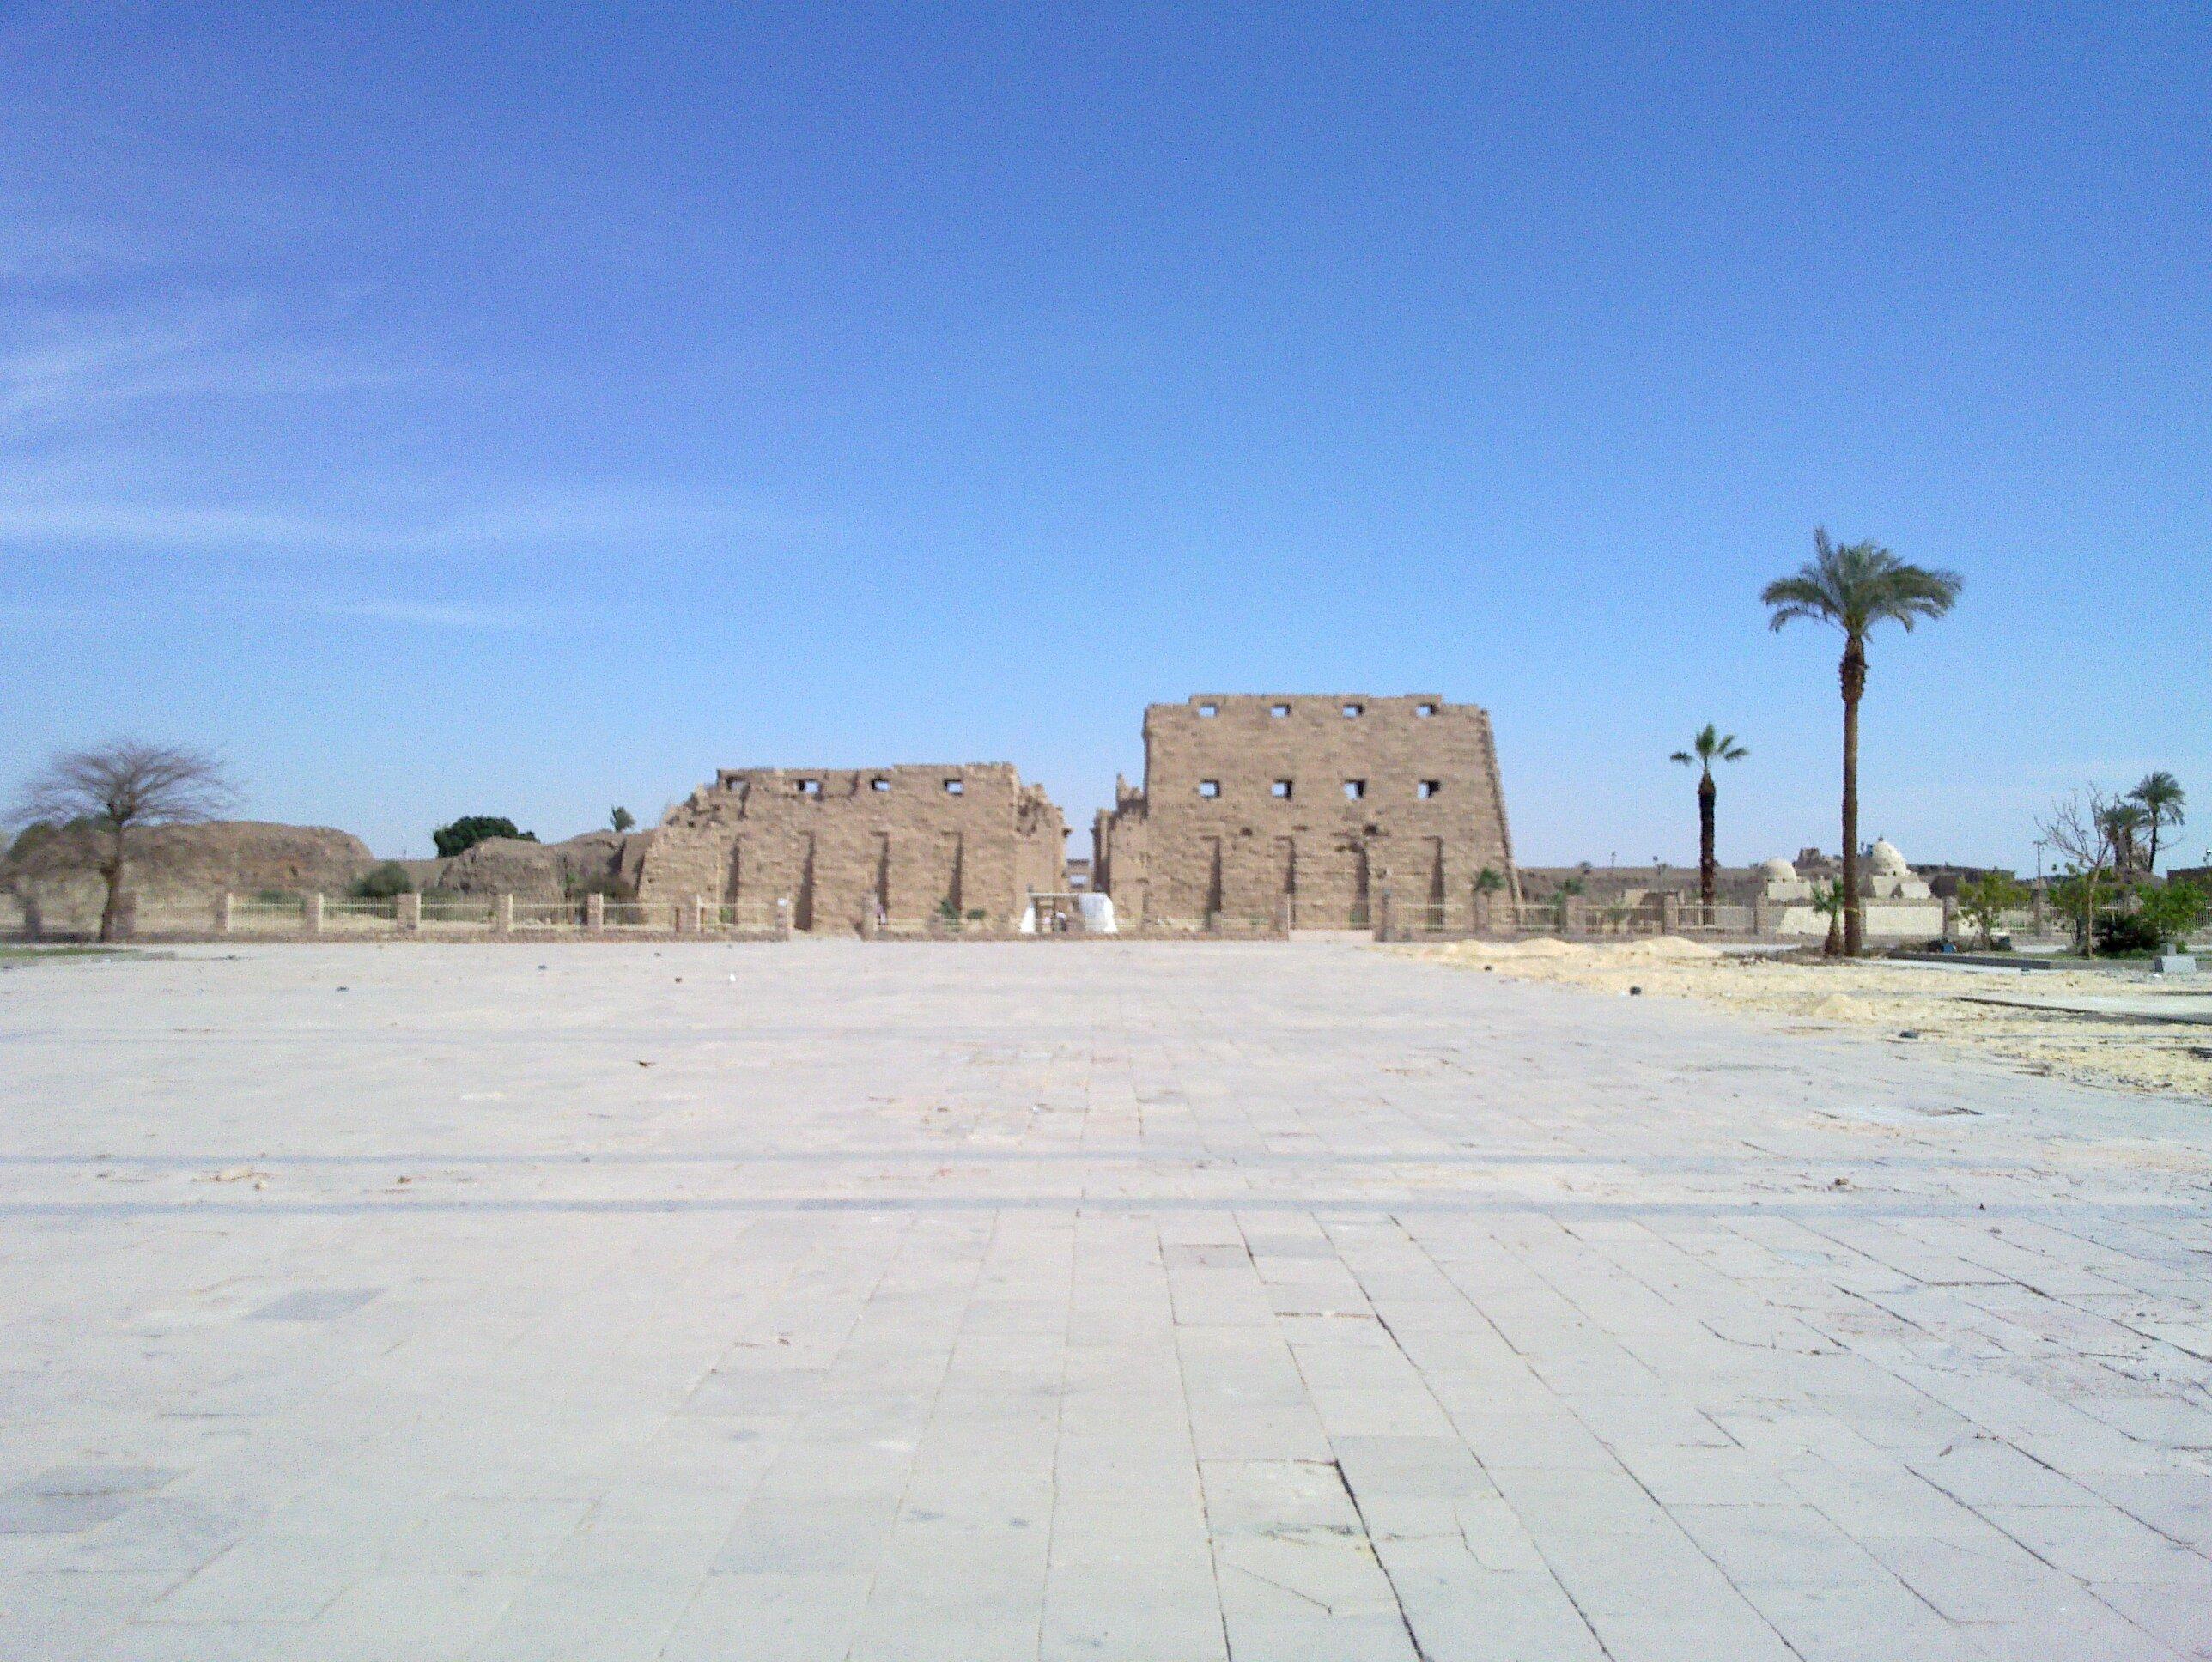 Platz vor erstem Pylon des Tempels von Karnak